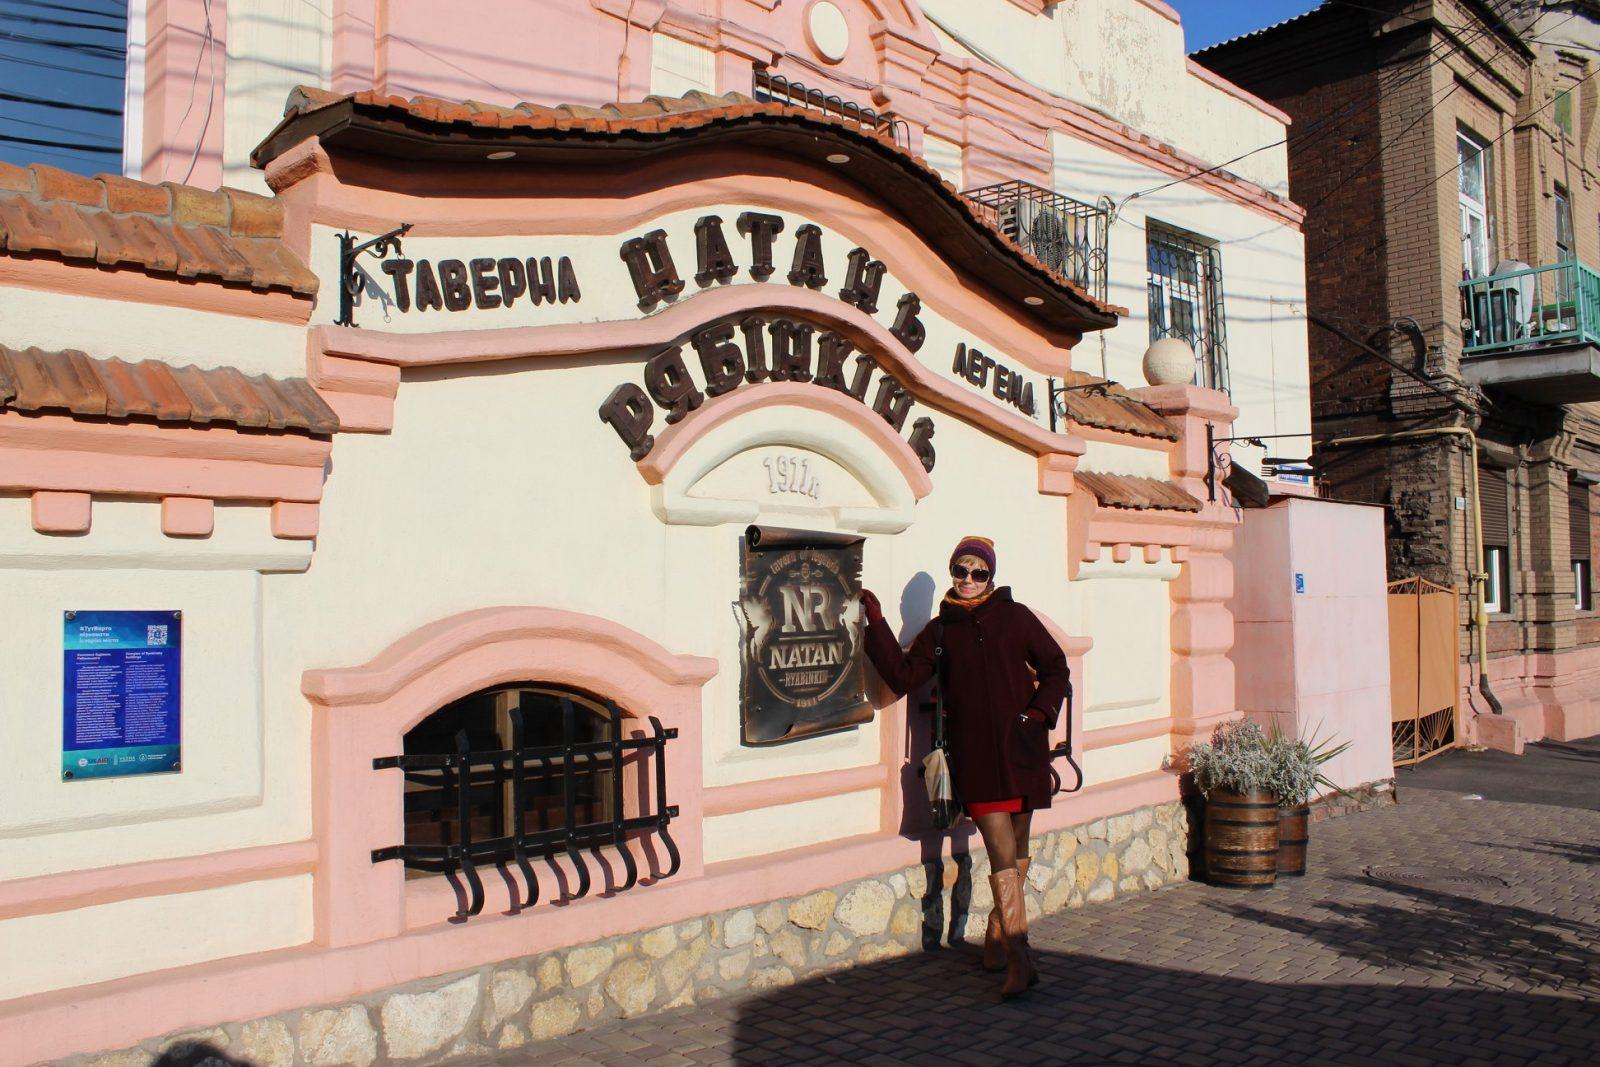 «Натанъ Рябінкінъ» – ефектна та смачна зупинка історичних маршрутів